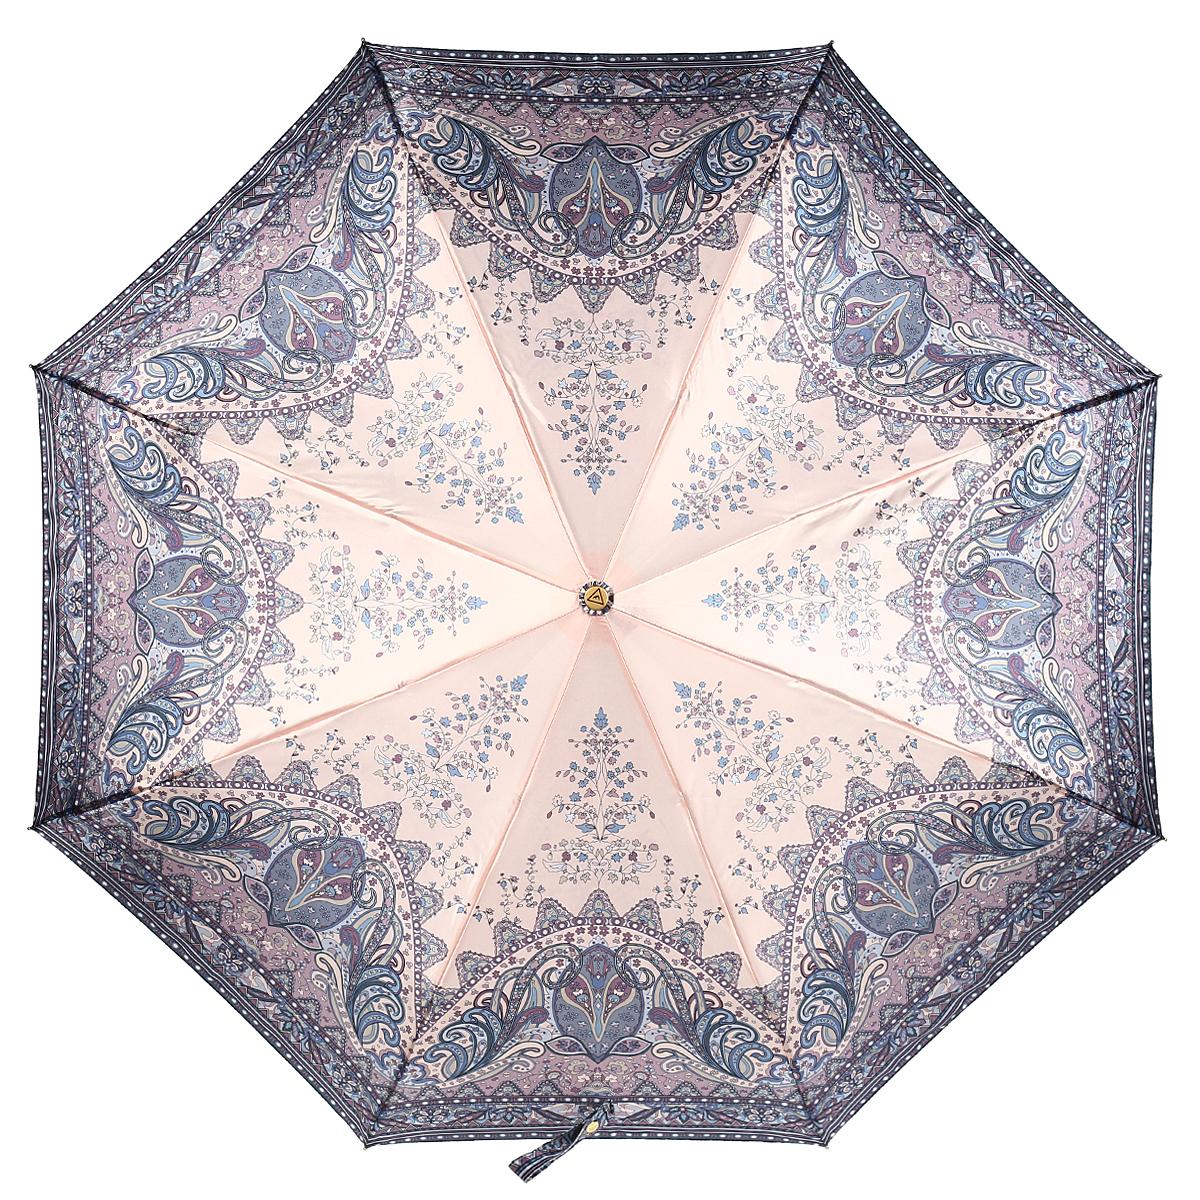 Зонт-автомат женский Fabretti, 3 сложения, цвет: бежевый, сиреневый. S-15102-4Fabretti S-15102-4Классический зонт торговой марки Fabretti, произведенный из качественных материалов, идеально подойдет для девушек и женщин любых возрастов. Купол зонтика выполнен из полиэстера, обработанного водоотталкивающей пропиткой, и оформлен изящным орнаментом. Каркас зонта выполнен из восьми металлических спиц, стержня и ручки с полиуретановым покрытием, разработанной с учетом требований эргономики. Зонт оснащен полным автоматическим механизмом в три сложения. Купол открывается и закрывается нажатием кнопки на рукоятке, благодаря чему открыть и закрыть зонт можно одной рукой, что чрезвычайно удобно при входе в транспорт или помещение, стержень складывается вручную до характерного щелчка. На рукоятке для удобства есть небольшой шнурок-резинка, позволяющий надеть зонт на руку тогда, когда это будет необходимо. Компактные размеры зонта в сложенном виде позволят ему без труда поместиться в сумочке и не доставят никаких проблем во время переноски. Зонт поставляется в...